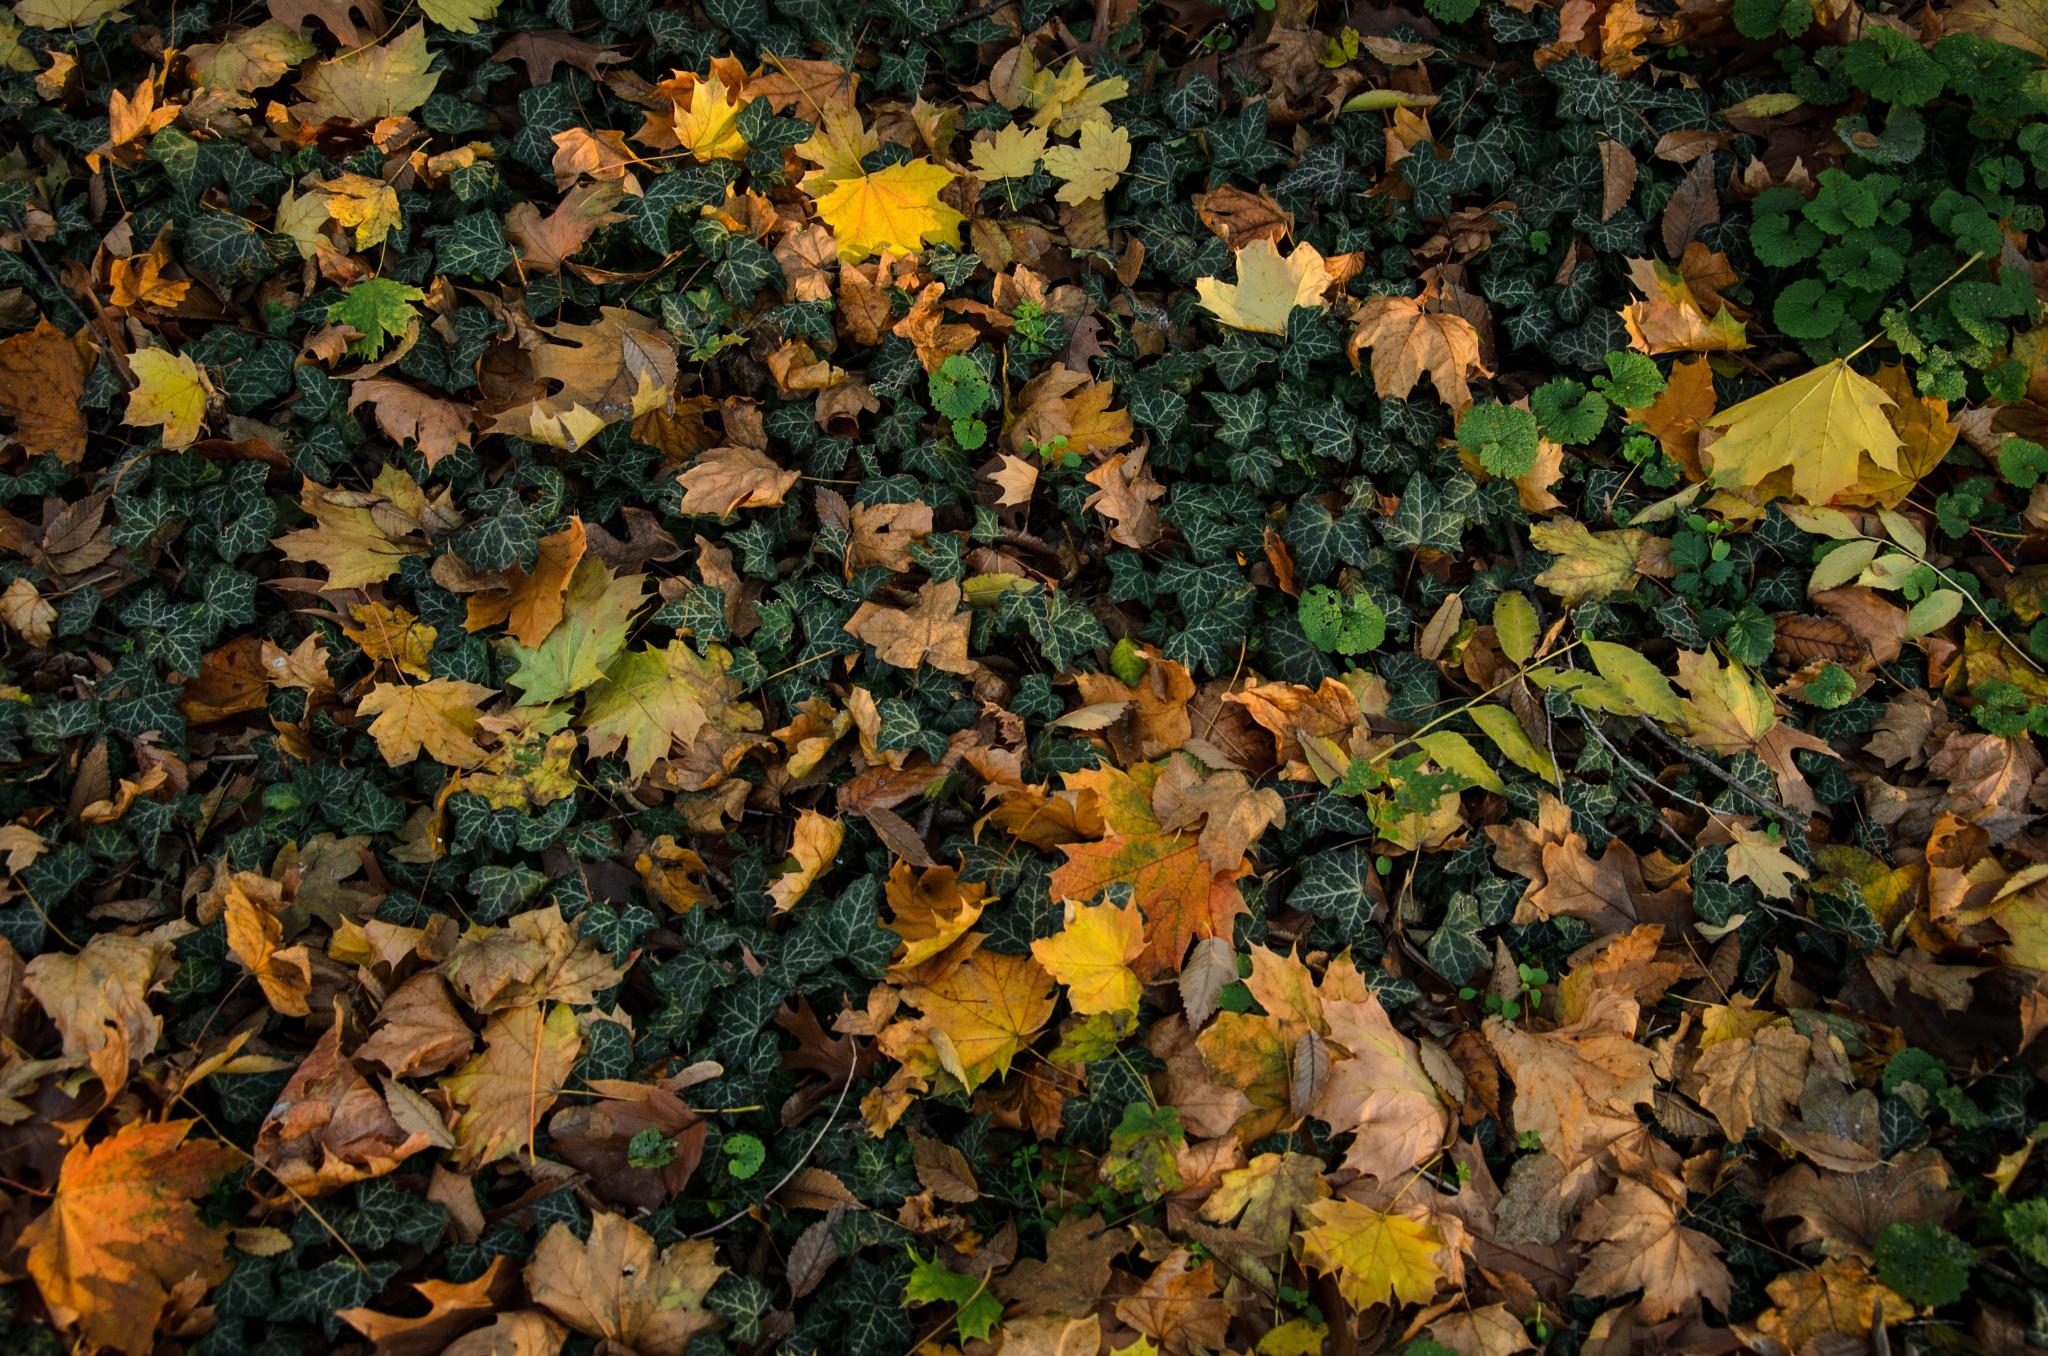 Fallen autumn leafs by George Enciu